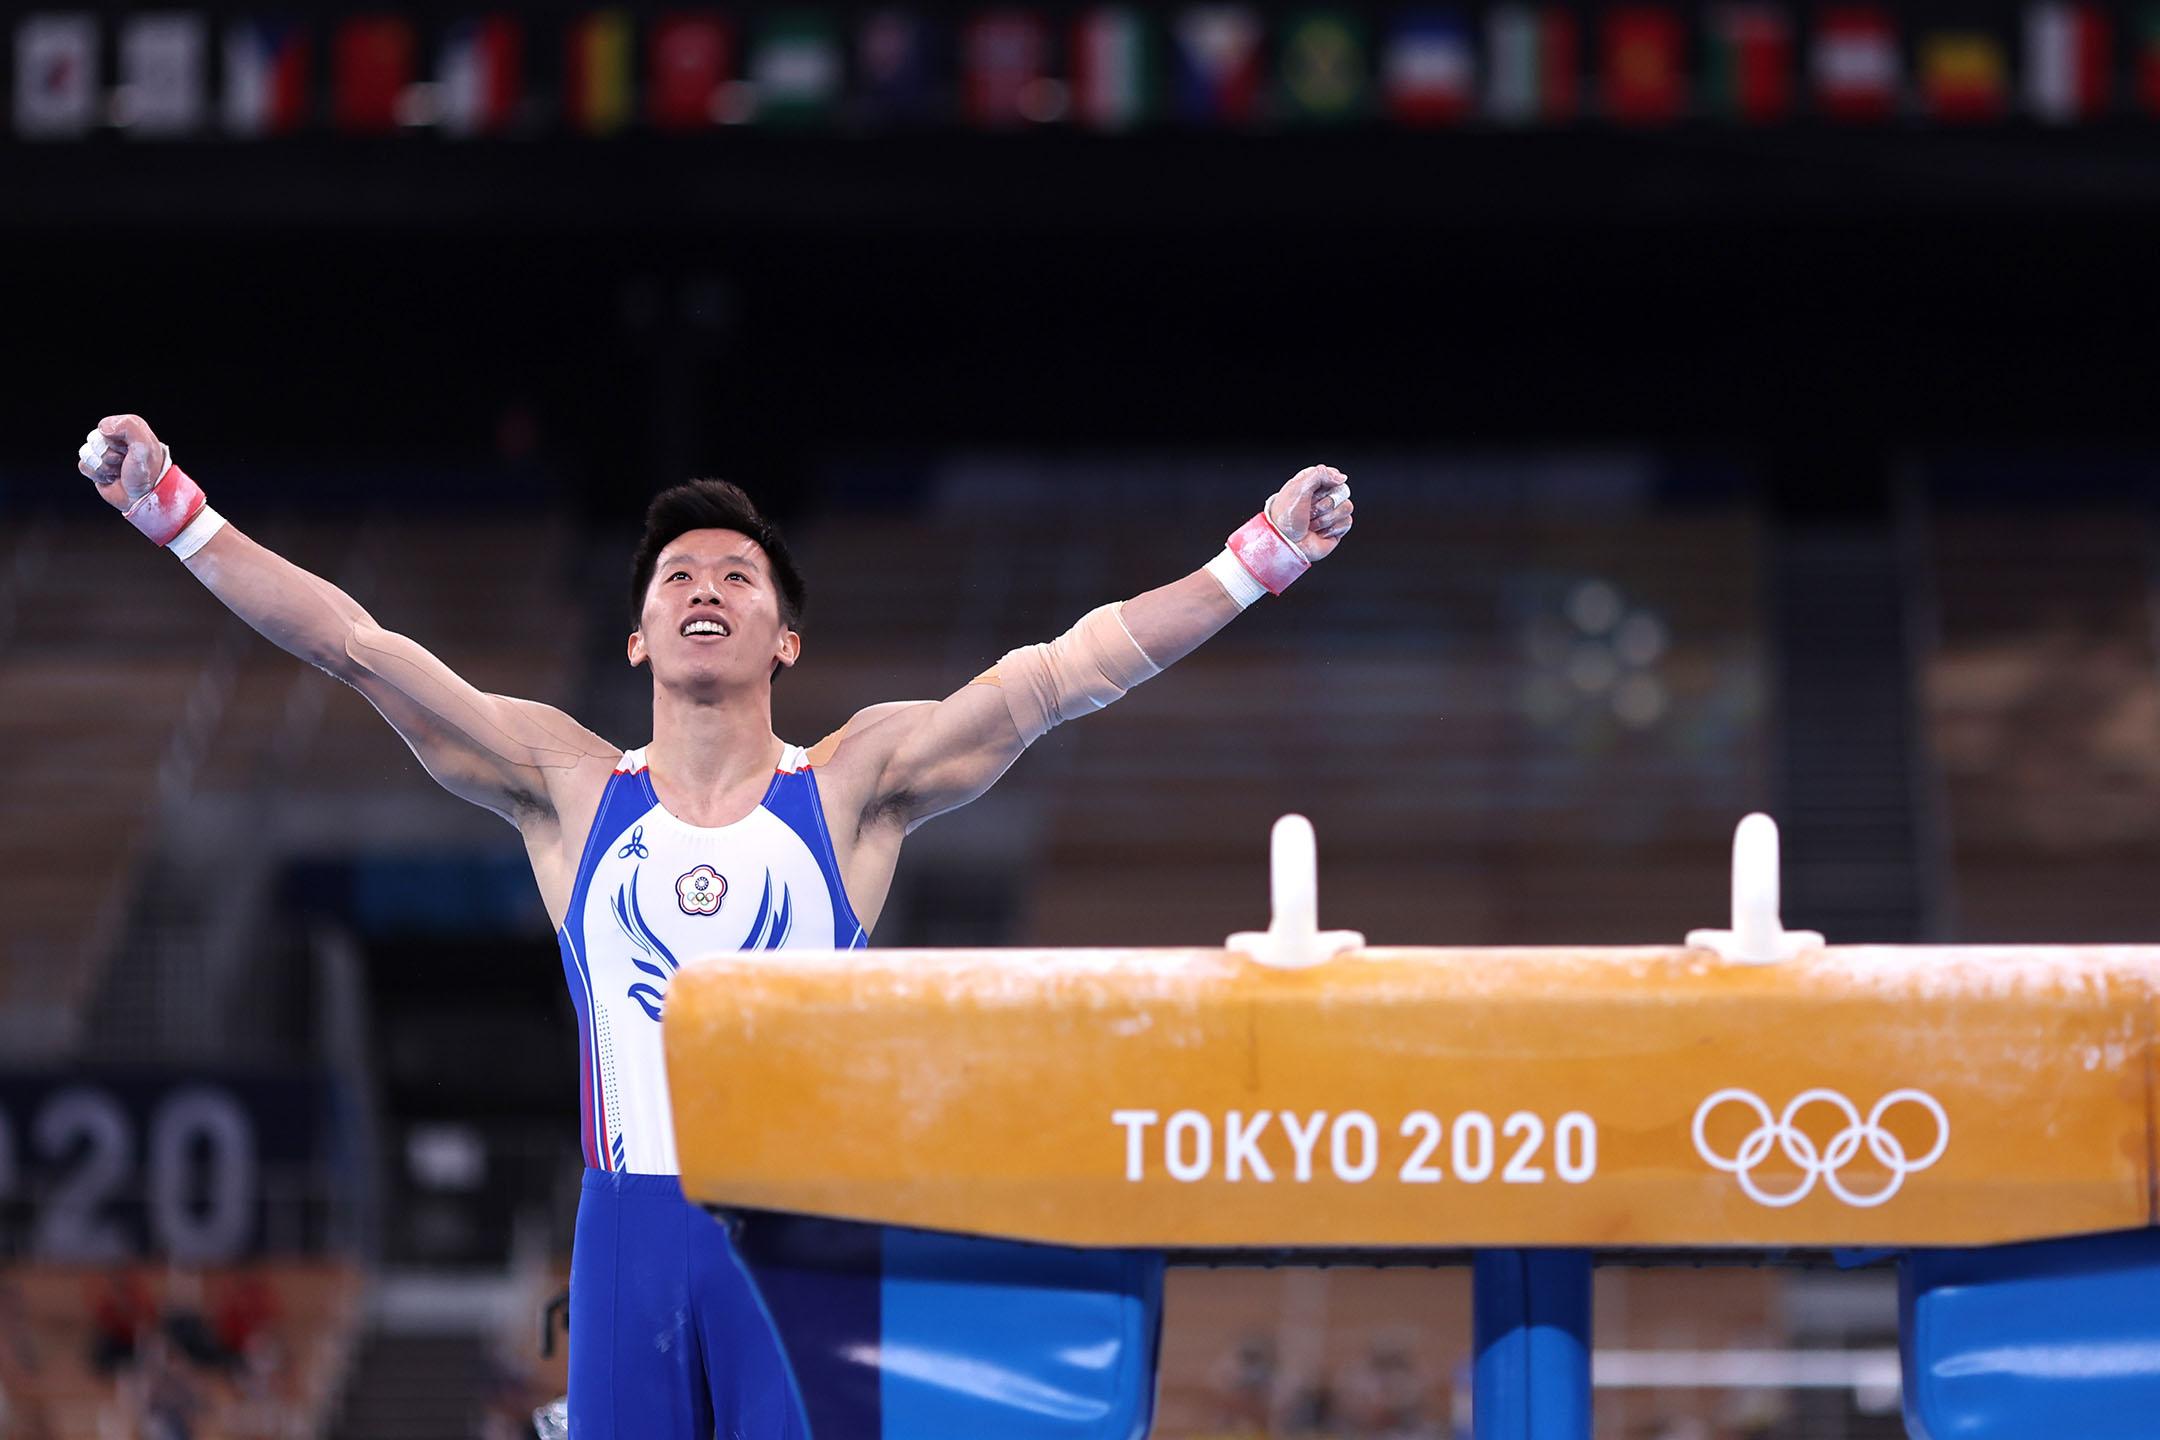 2021年8月1日日本東京,中華台北隊參與鞍馬決賽的李智凱。